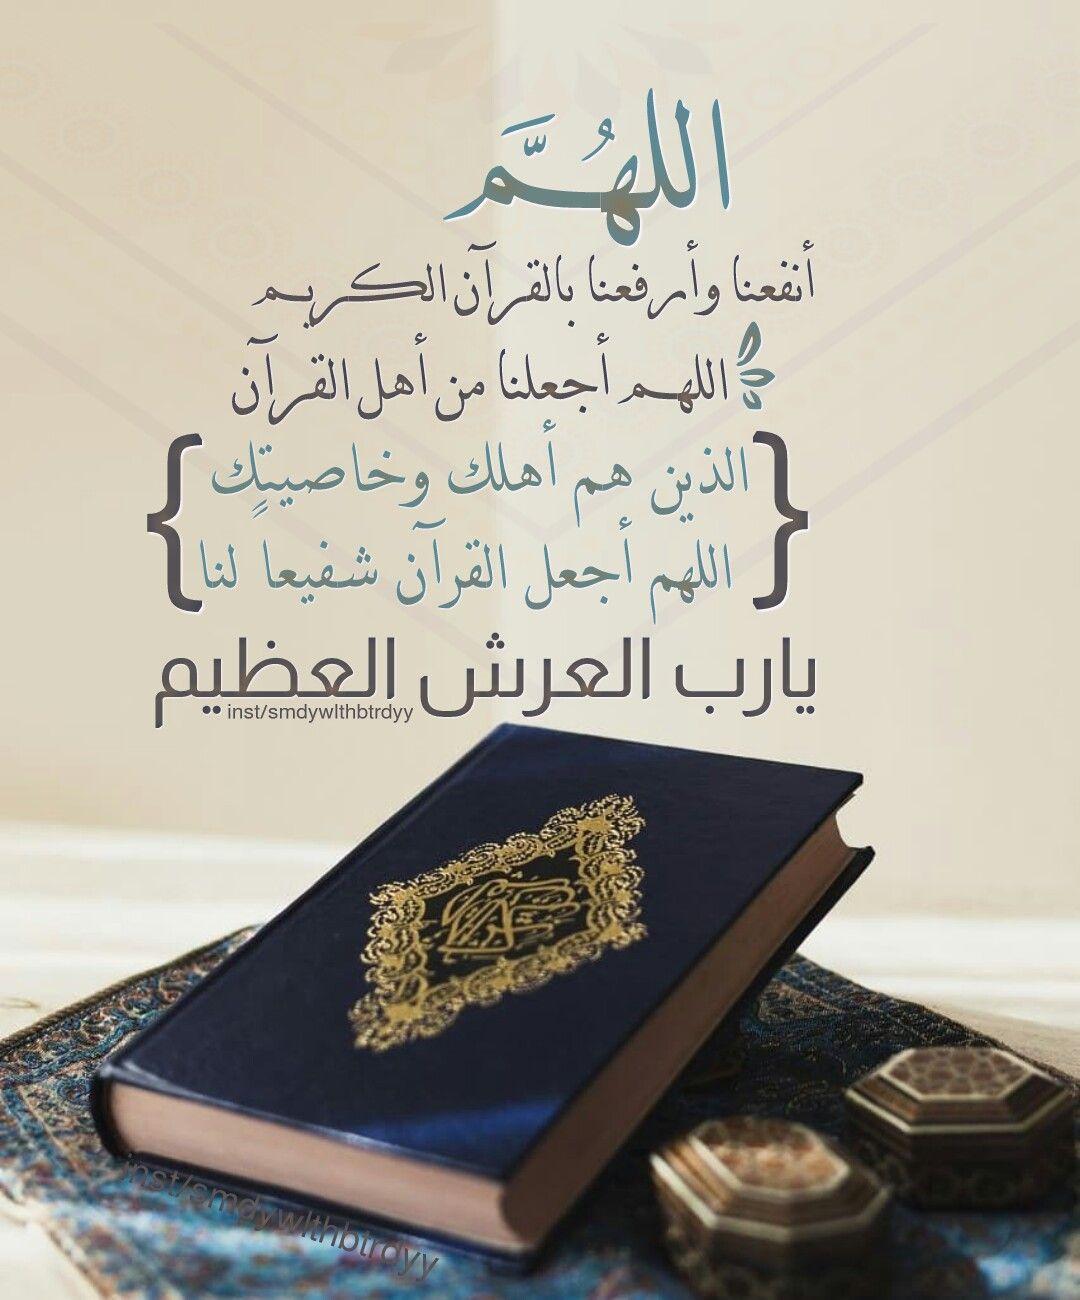 اللهم أنفعنا وأرفعنا بالقرآن الكريم اللهم أجعلنا من أهل القرآن الذين هم أهلك وخاصيتك اللهم أجعل ال Quran Quotes Love Islamic Quotes Wallpaper Islamic Wallpaper